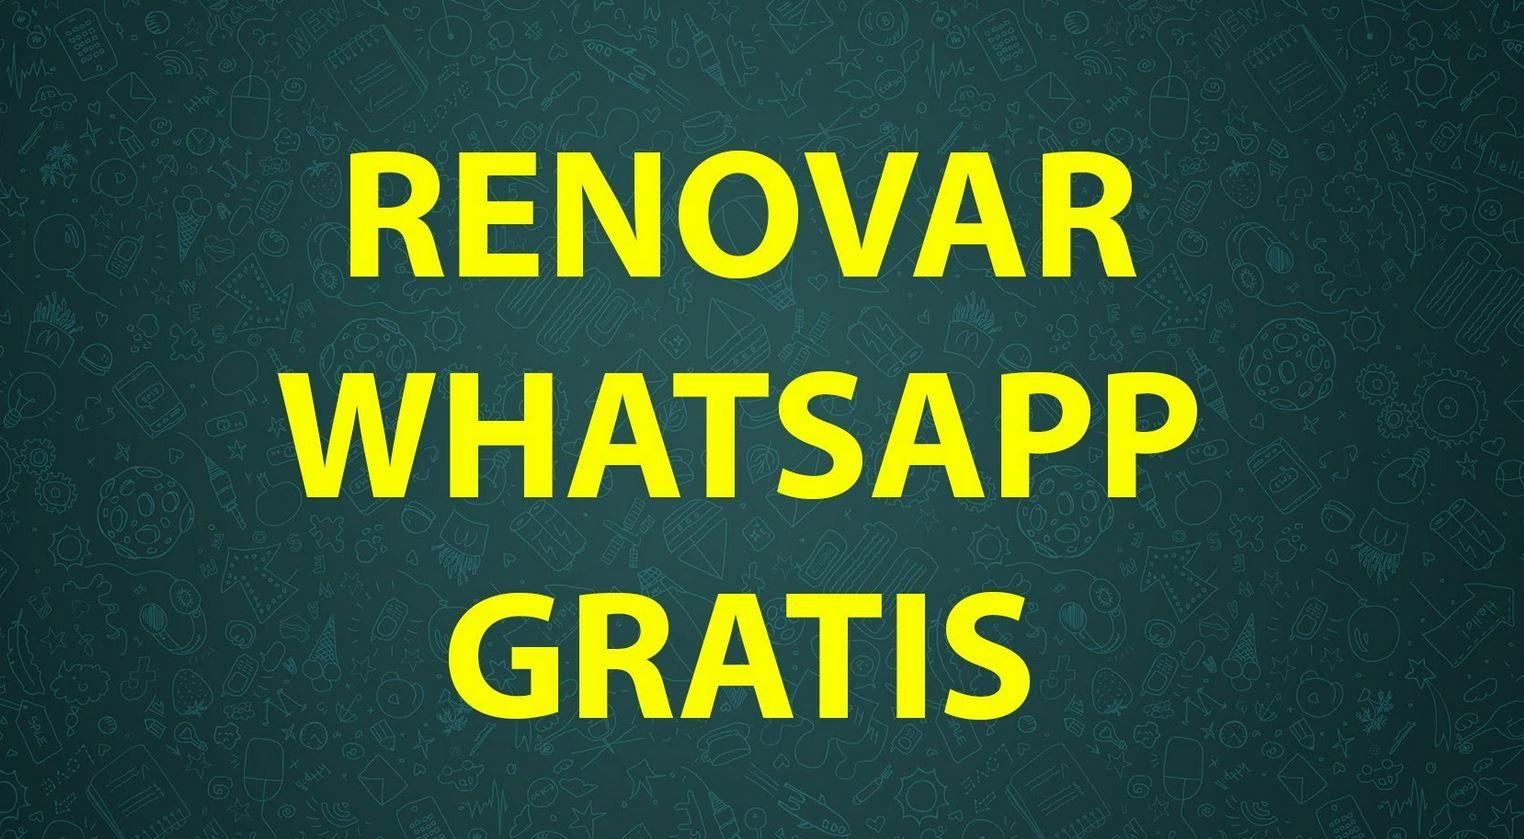 Renovar WhatsApp gratis